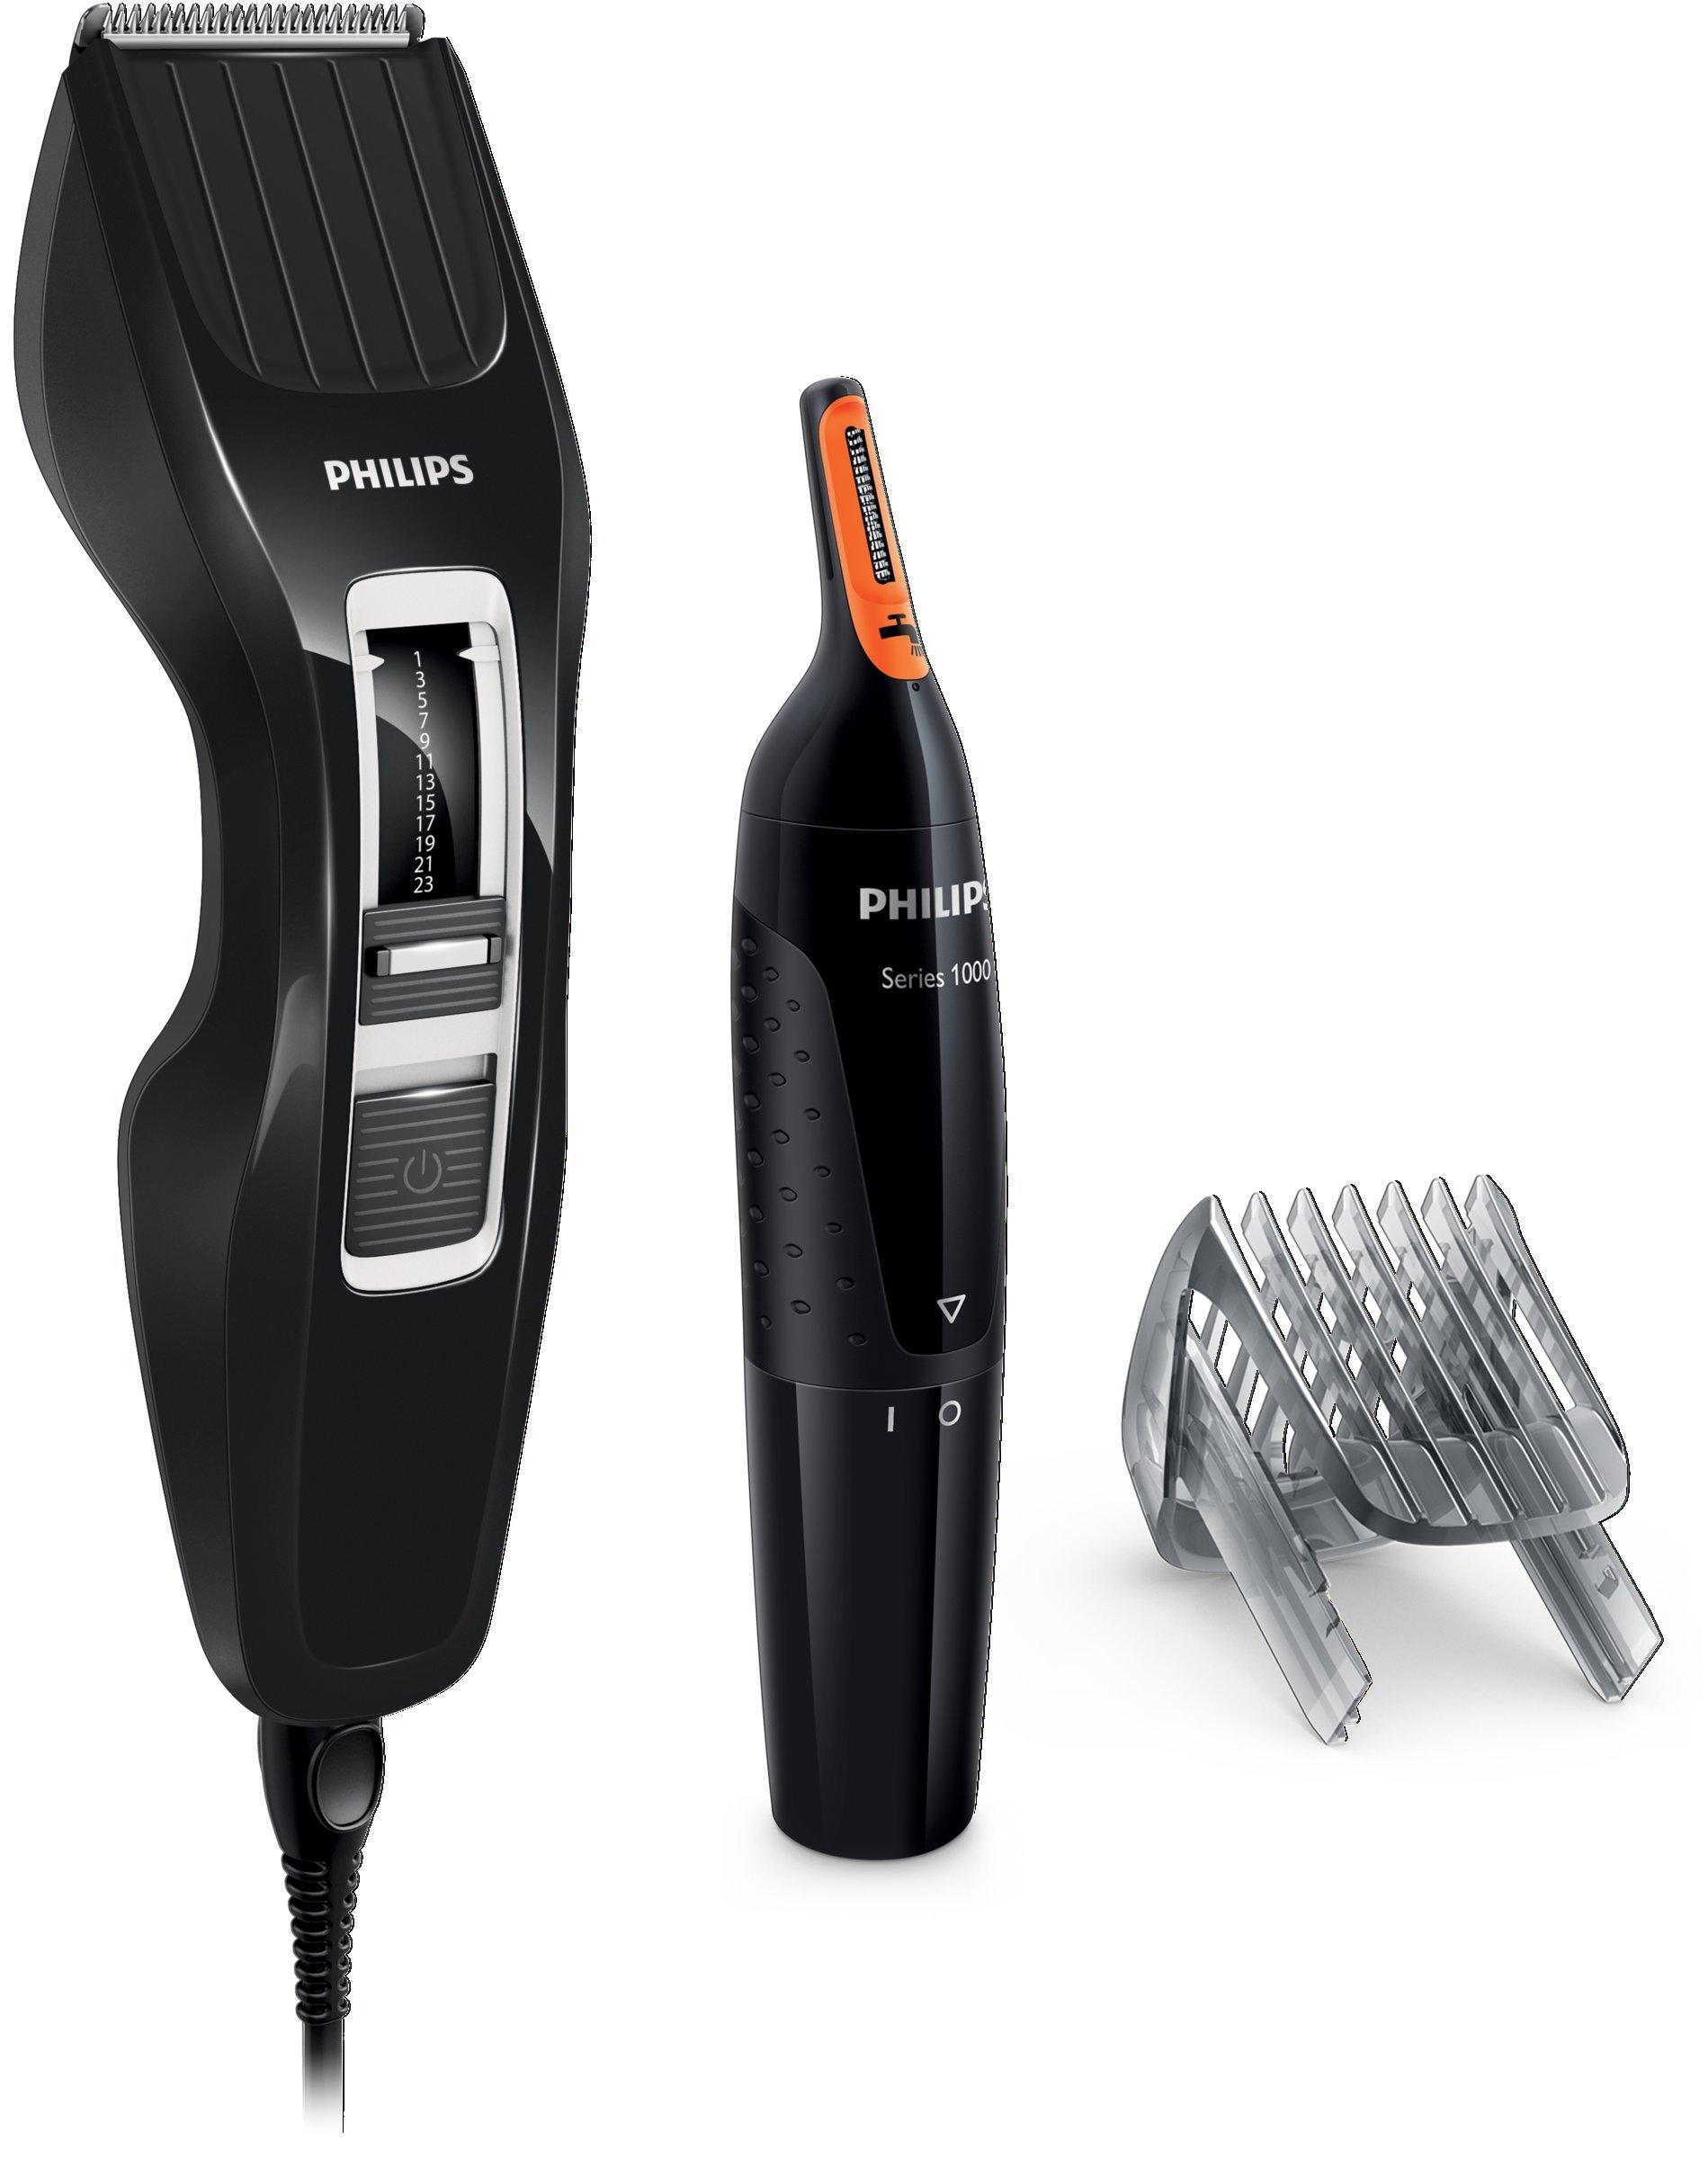 Philips HC3410/85 – Pack cortapelo con 13 posiciones de corte de 0,5 a 23 mm, y recortador de nariz y oidos, color negro